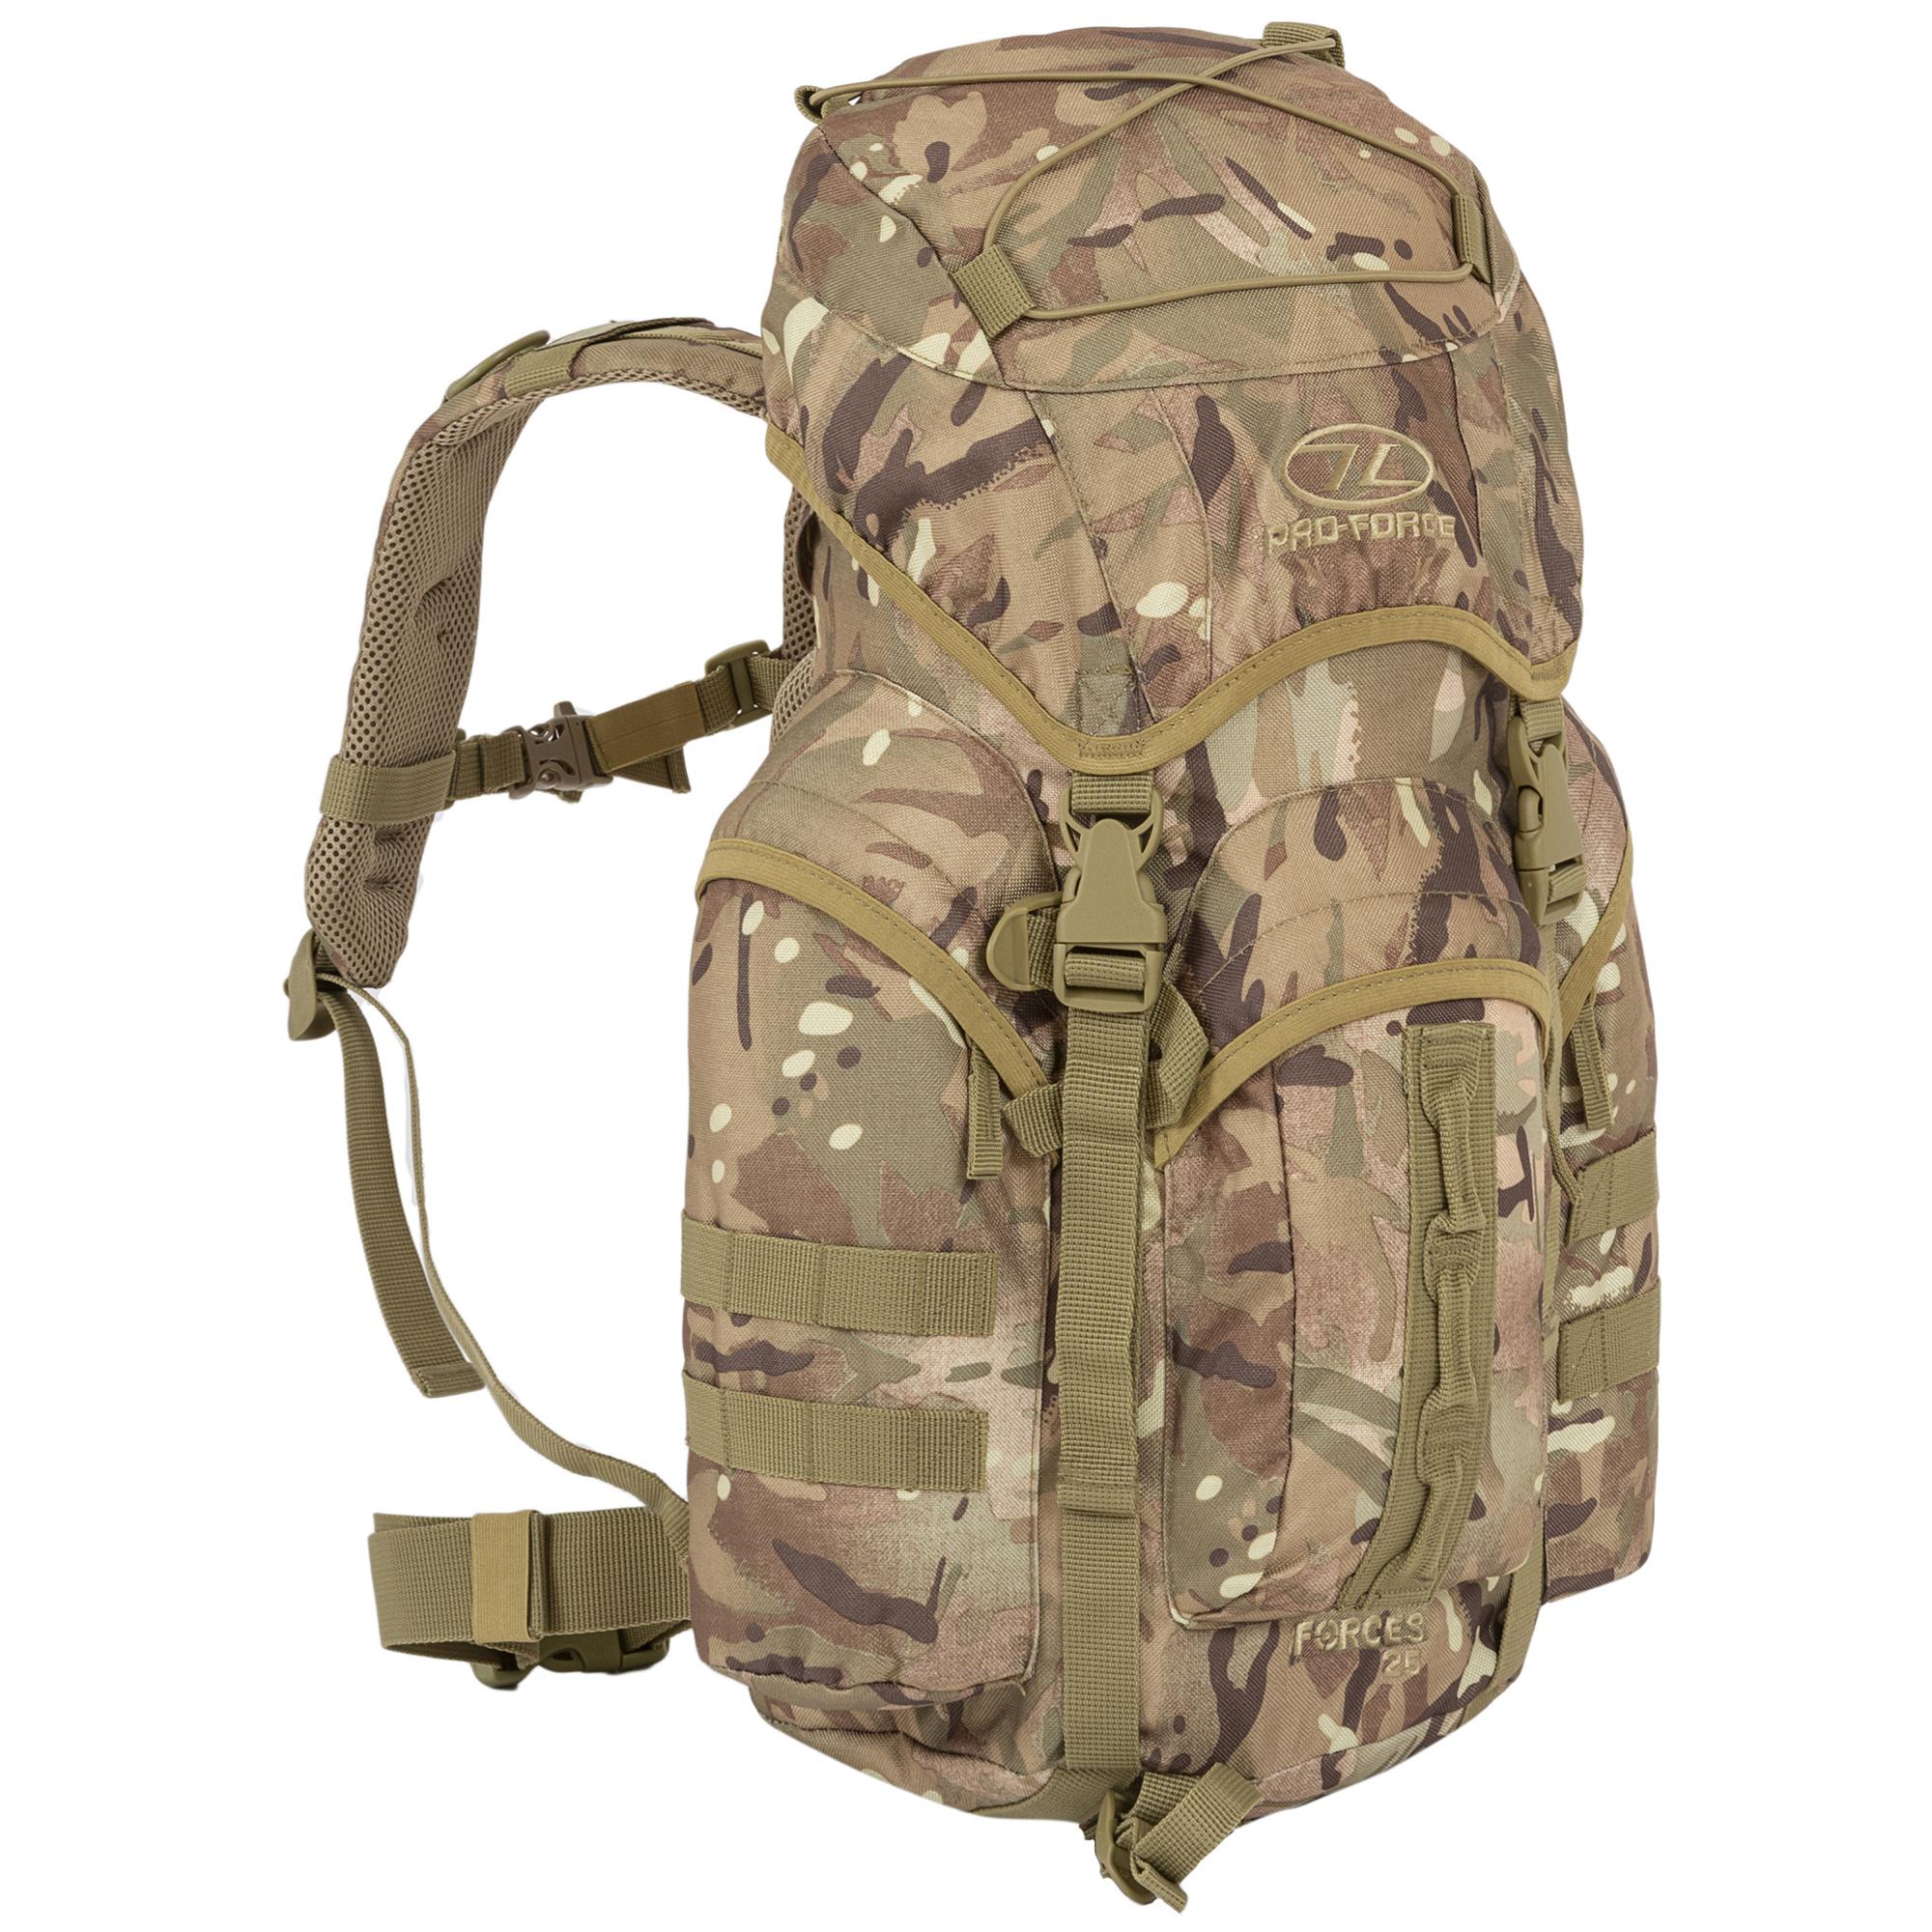 8c0d1680152 ProForce New Forces 25l legerrugzak - HMTC camouflage ...